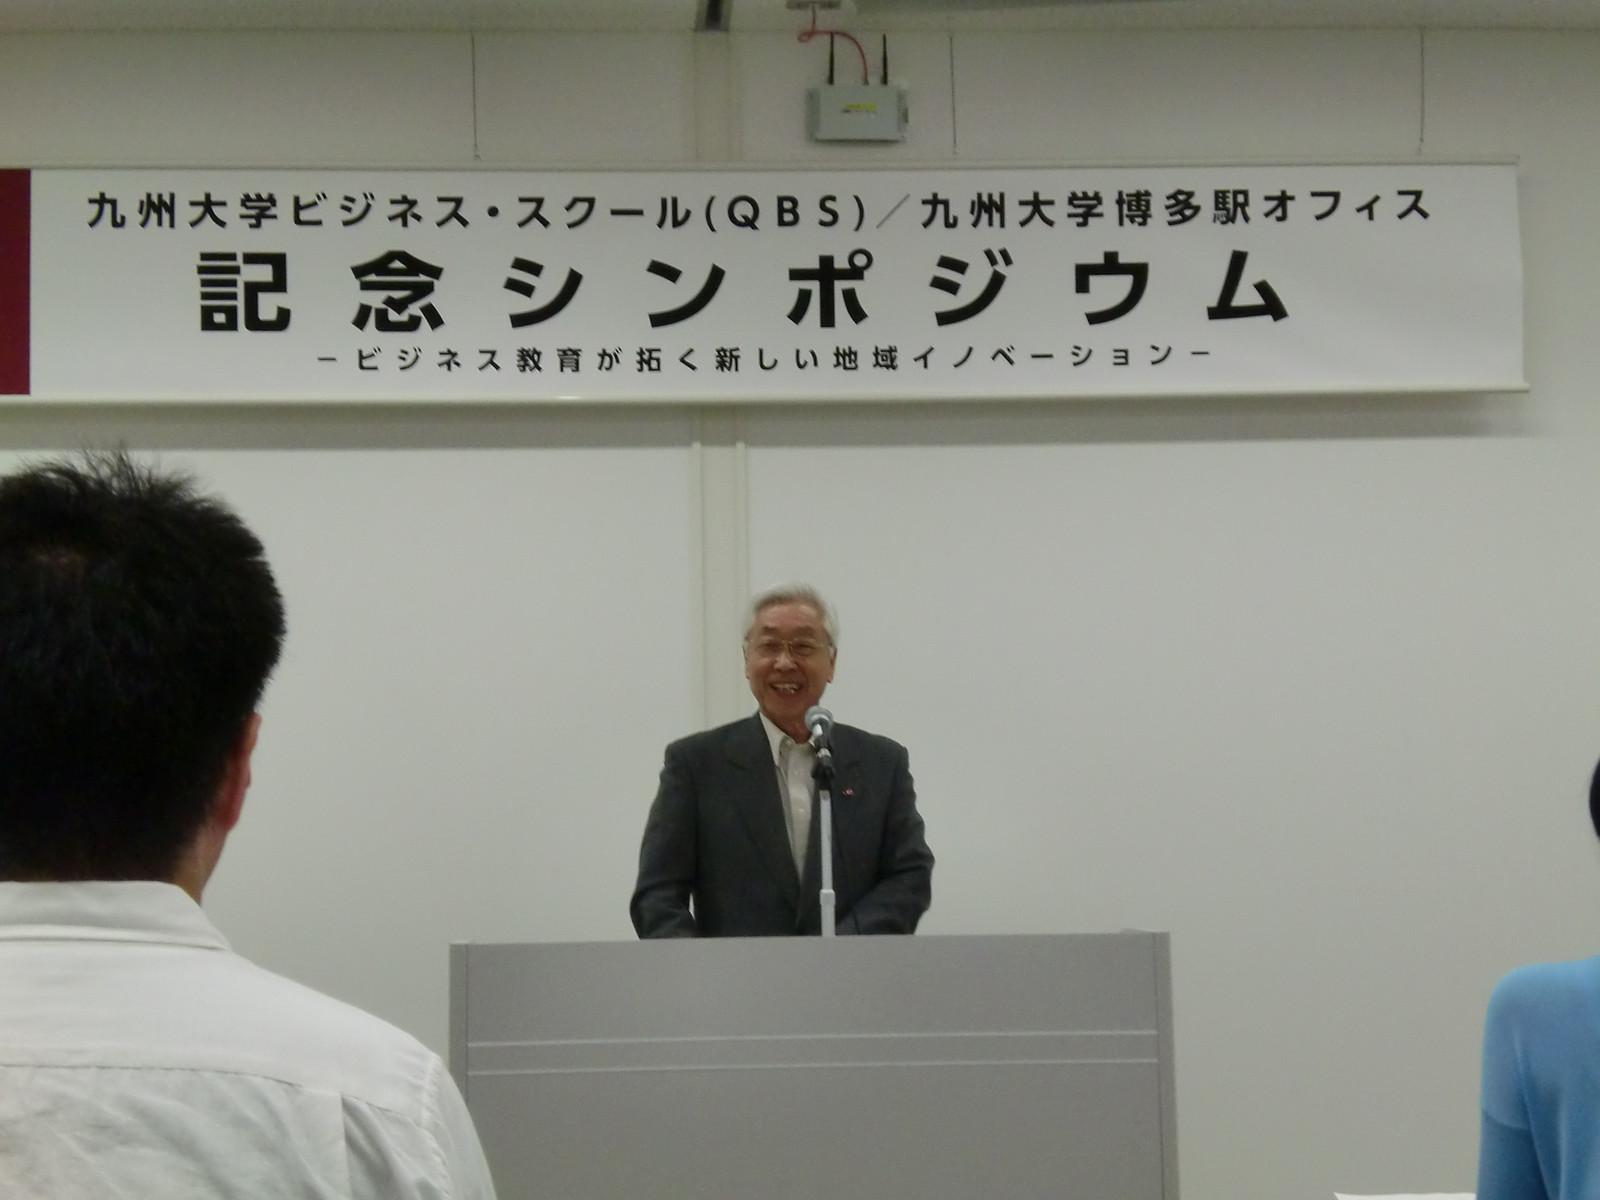 QBSシンポジウムに出席しました。